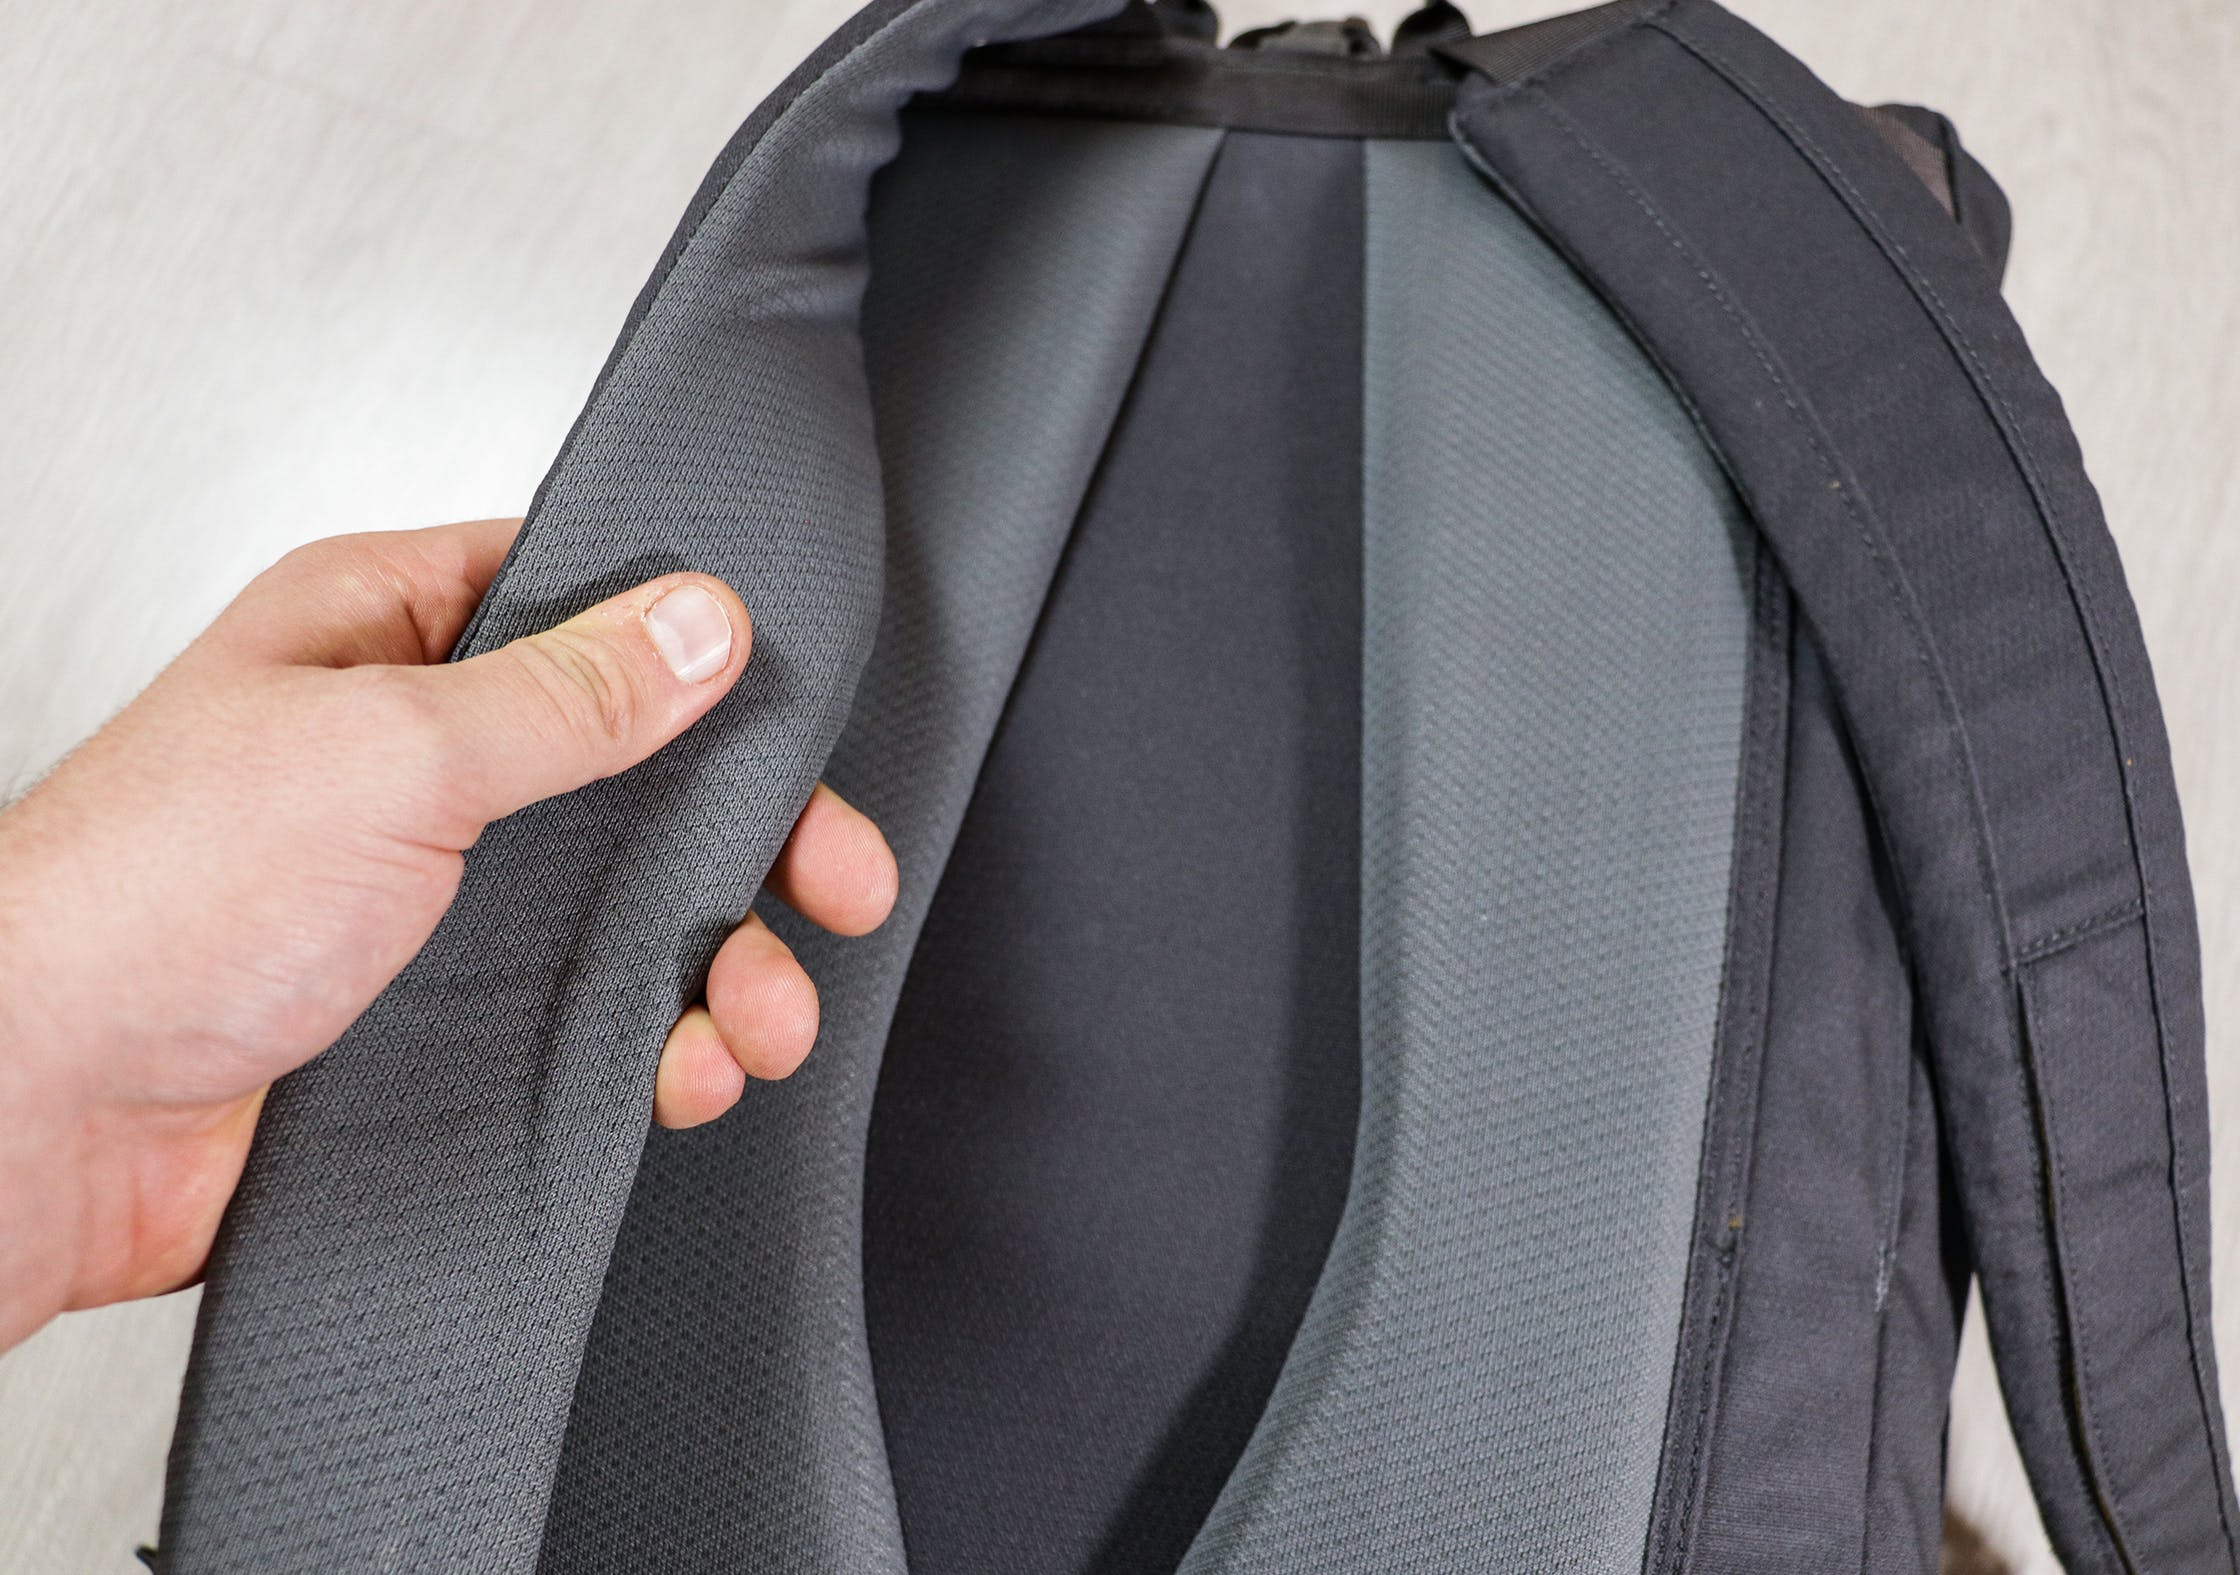 Millican Fraser Rucksack 32L Shoulder Straps & Back Panel Padding